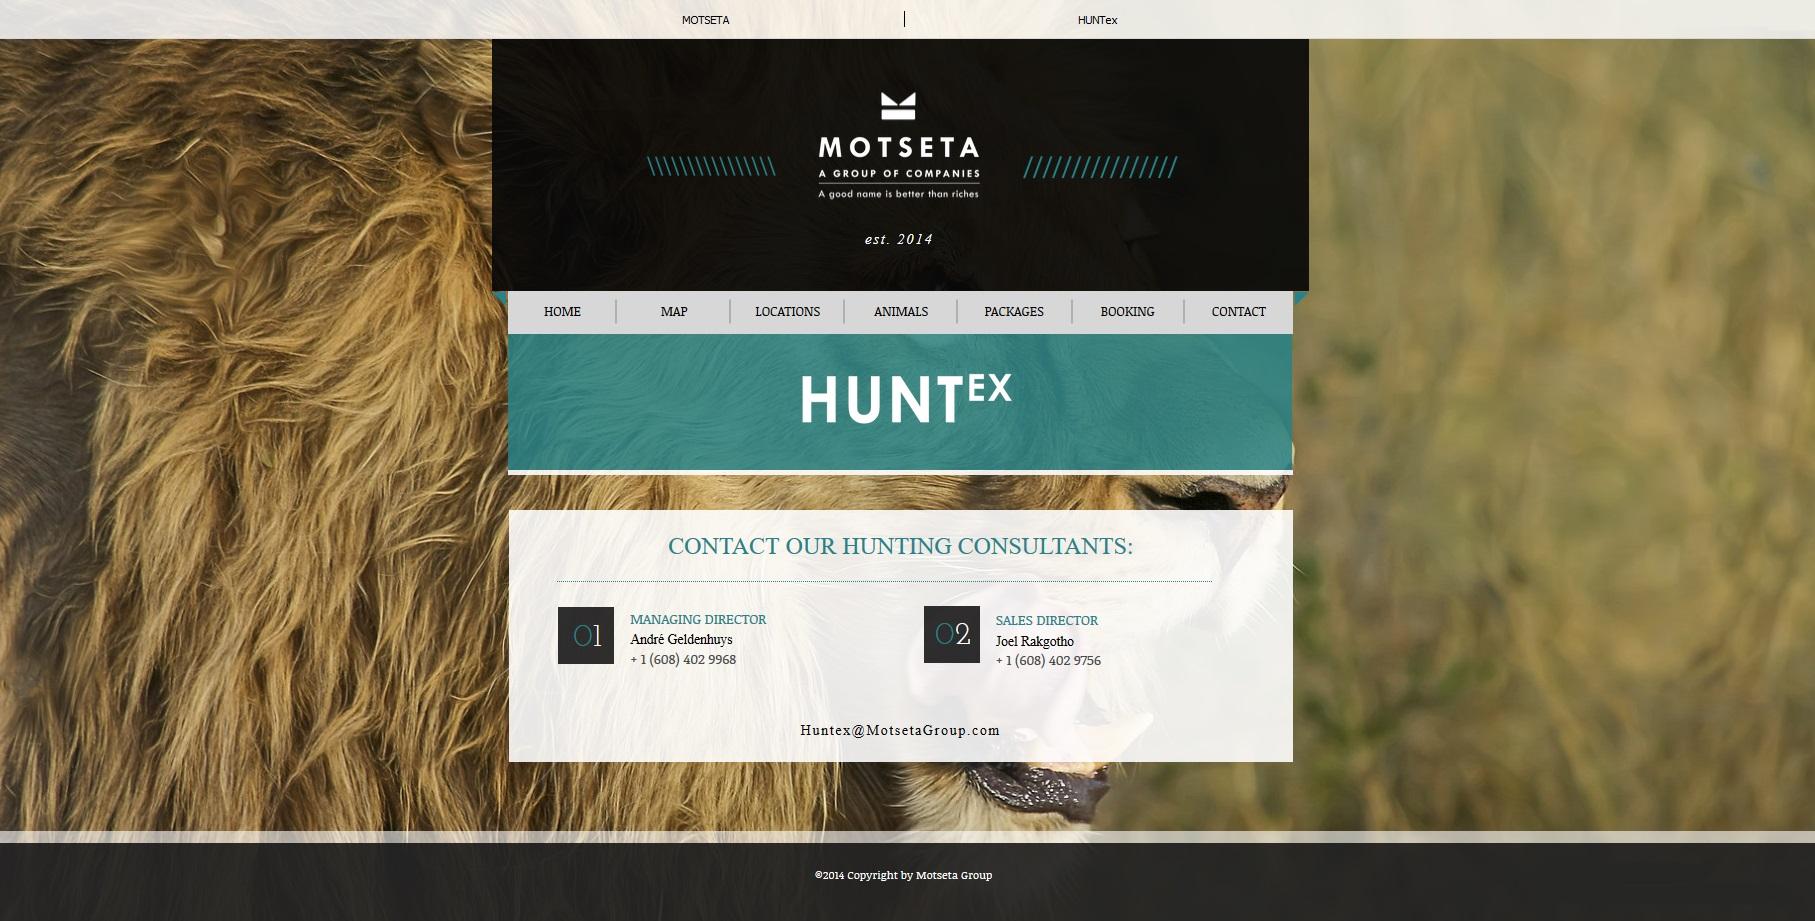 Motseta Group